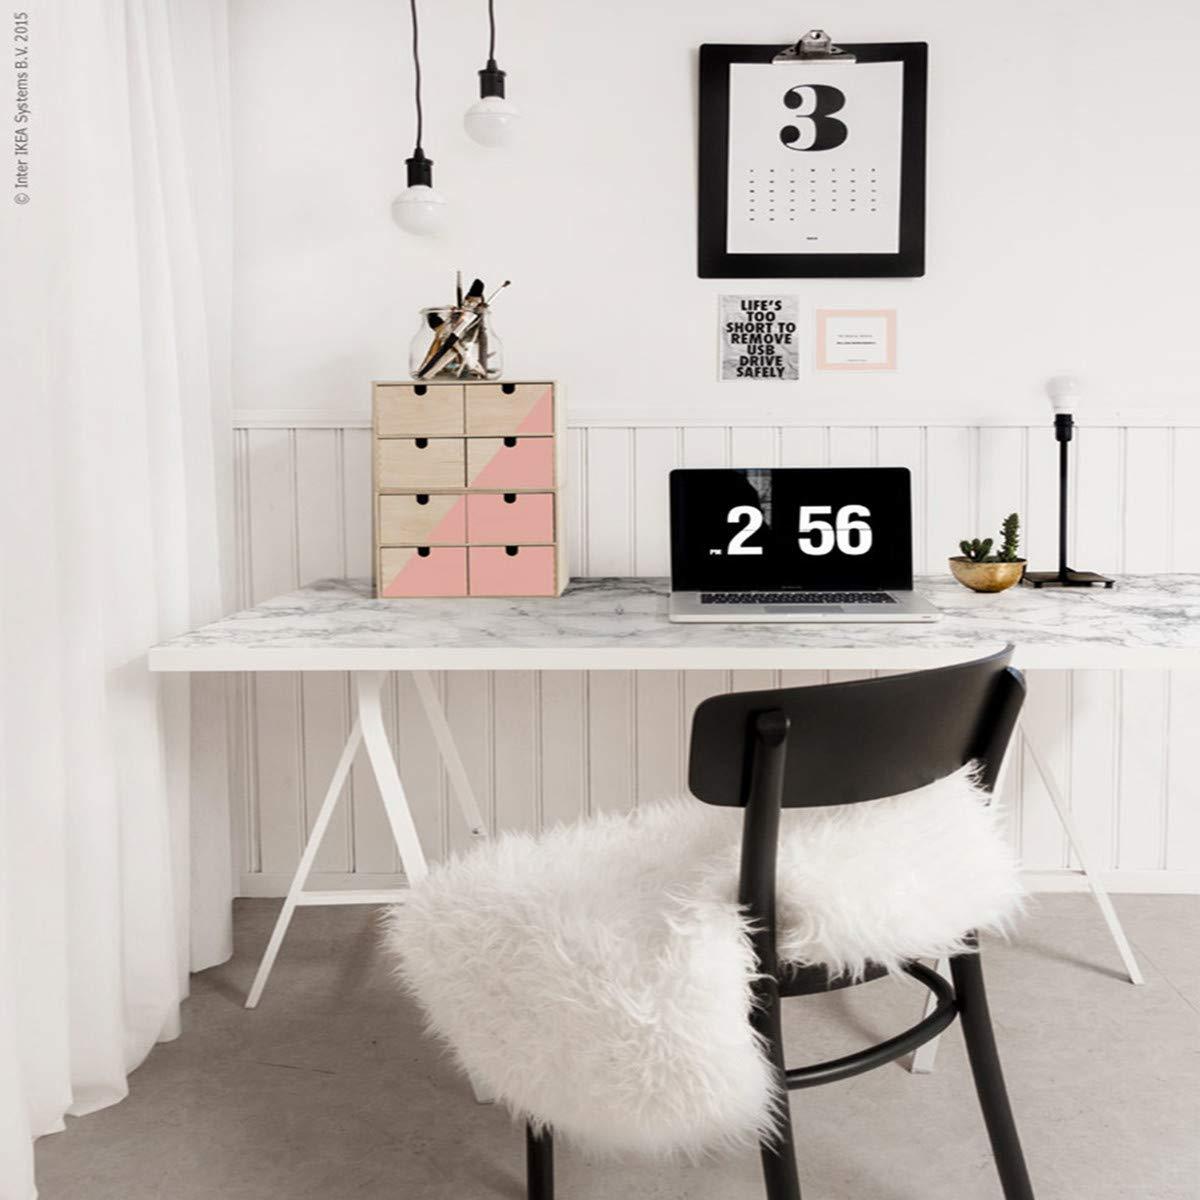 Papier peint de marbre adhesif Papier de contact gris//blanc Cuisine Autocollants Salle de Bain /Étanche Meubles Comptoir Mur Table Peel Stick Vinyle Film PVC Durable 45cm 2m